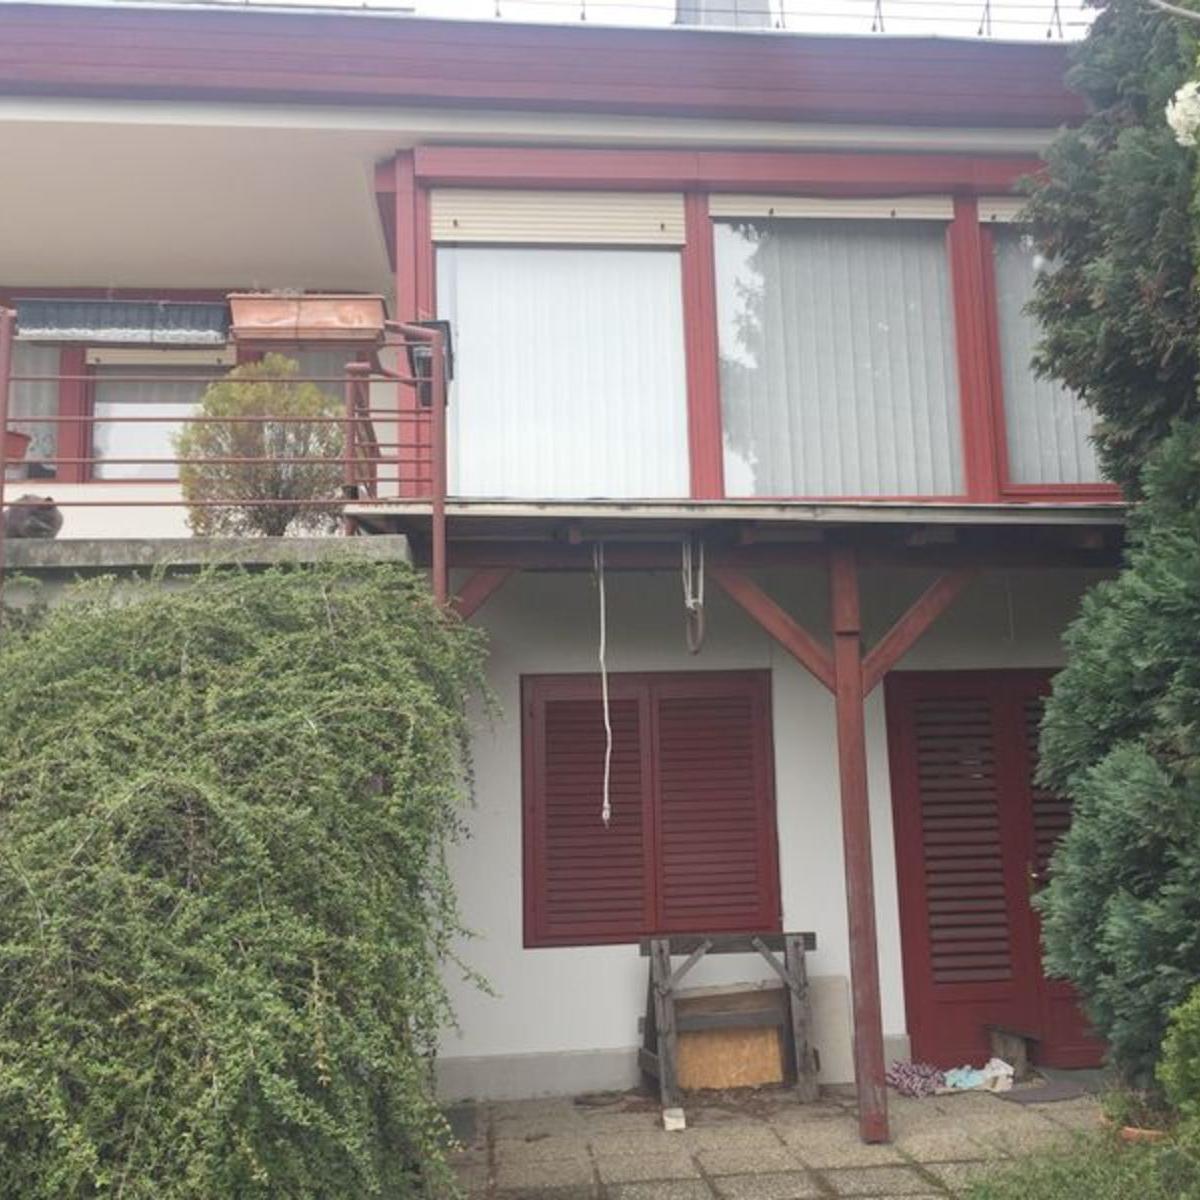 Kiadó  családi ház (Budapest, II. kerületBudapest, II. kerület, Vihorlát u.) 650 E  Ft/hó